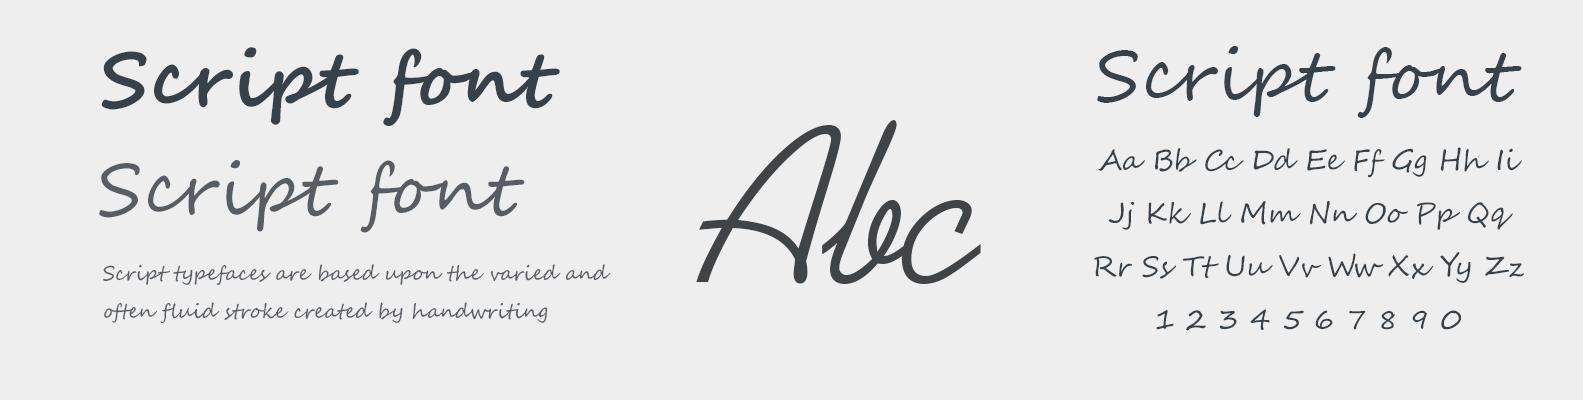 script-font